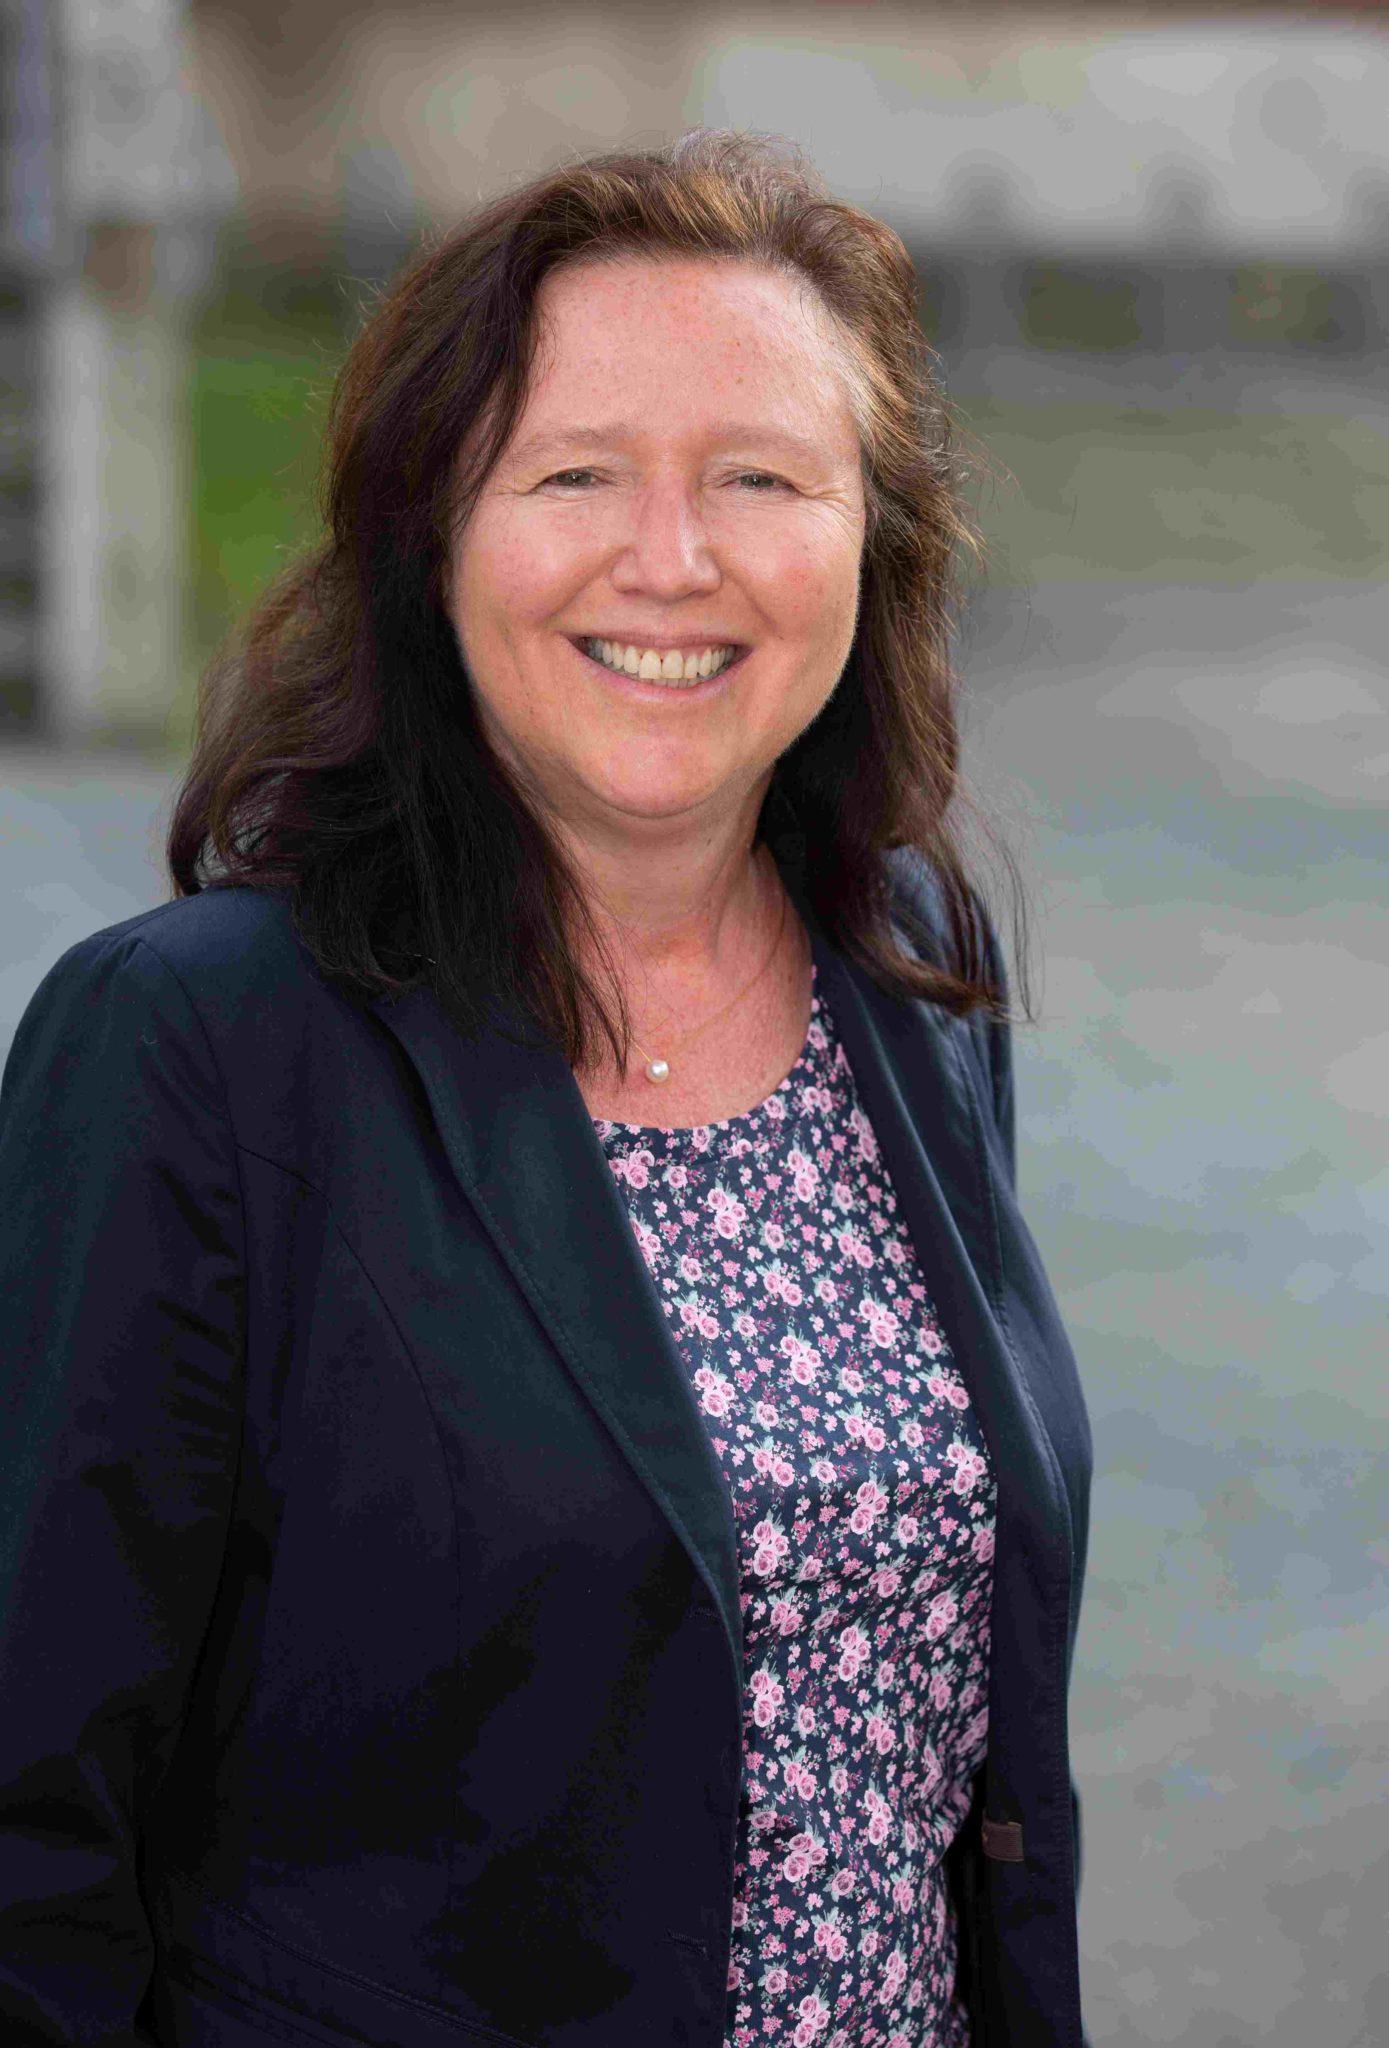 Andrea Brauckmann